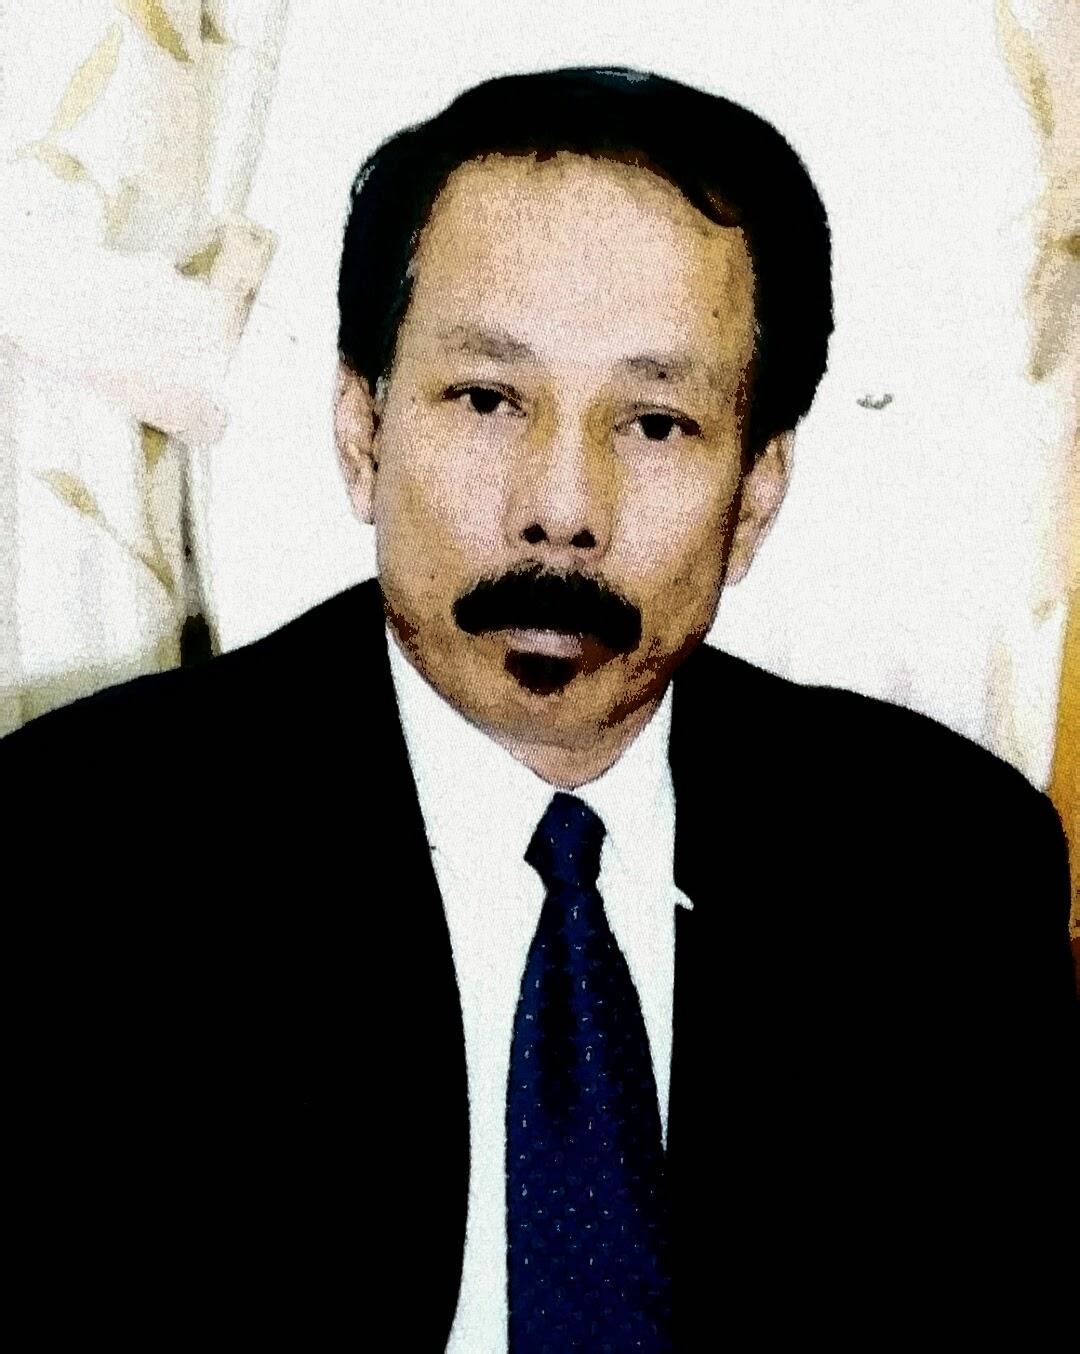 YB. Dato' Wira Hj Khazali b. Din